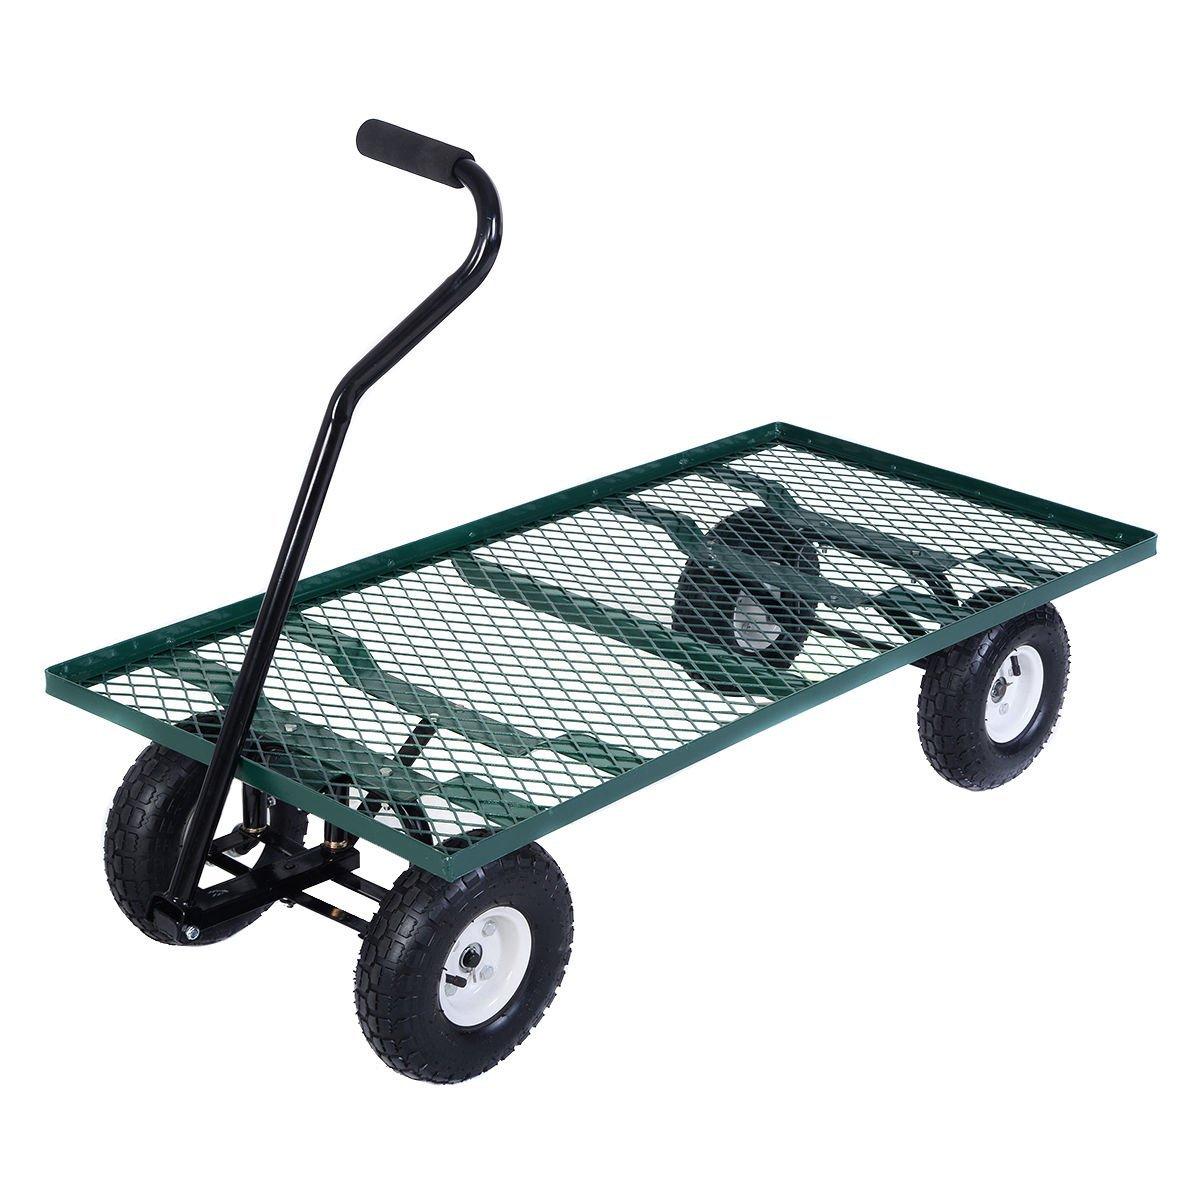 Wagon Garden Cart Nursery Steel Mesh Deck Trailer Heavy Duty ...